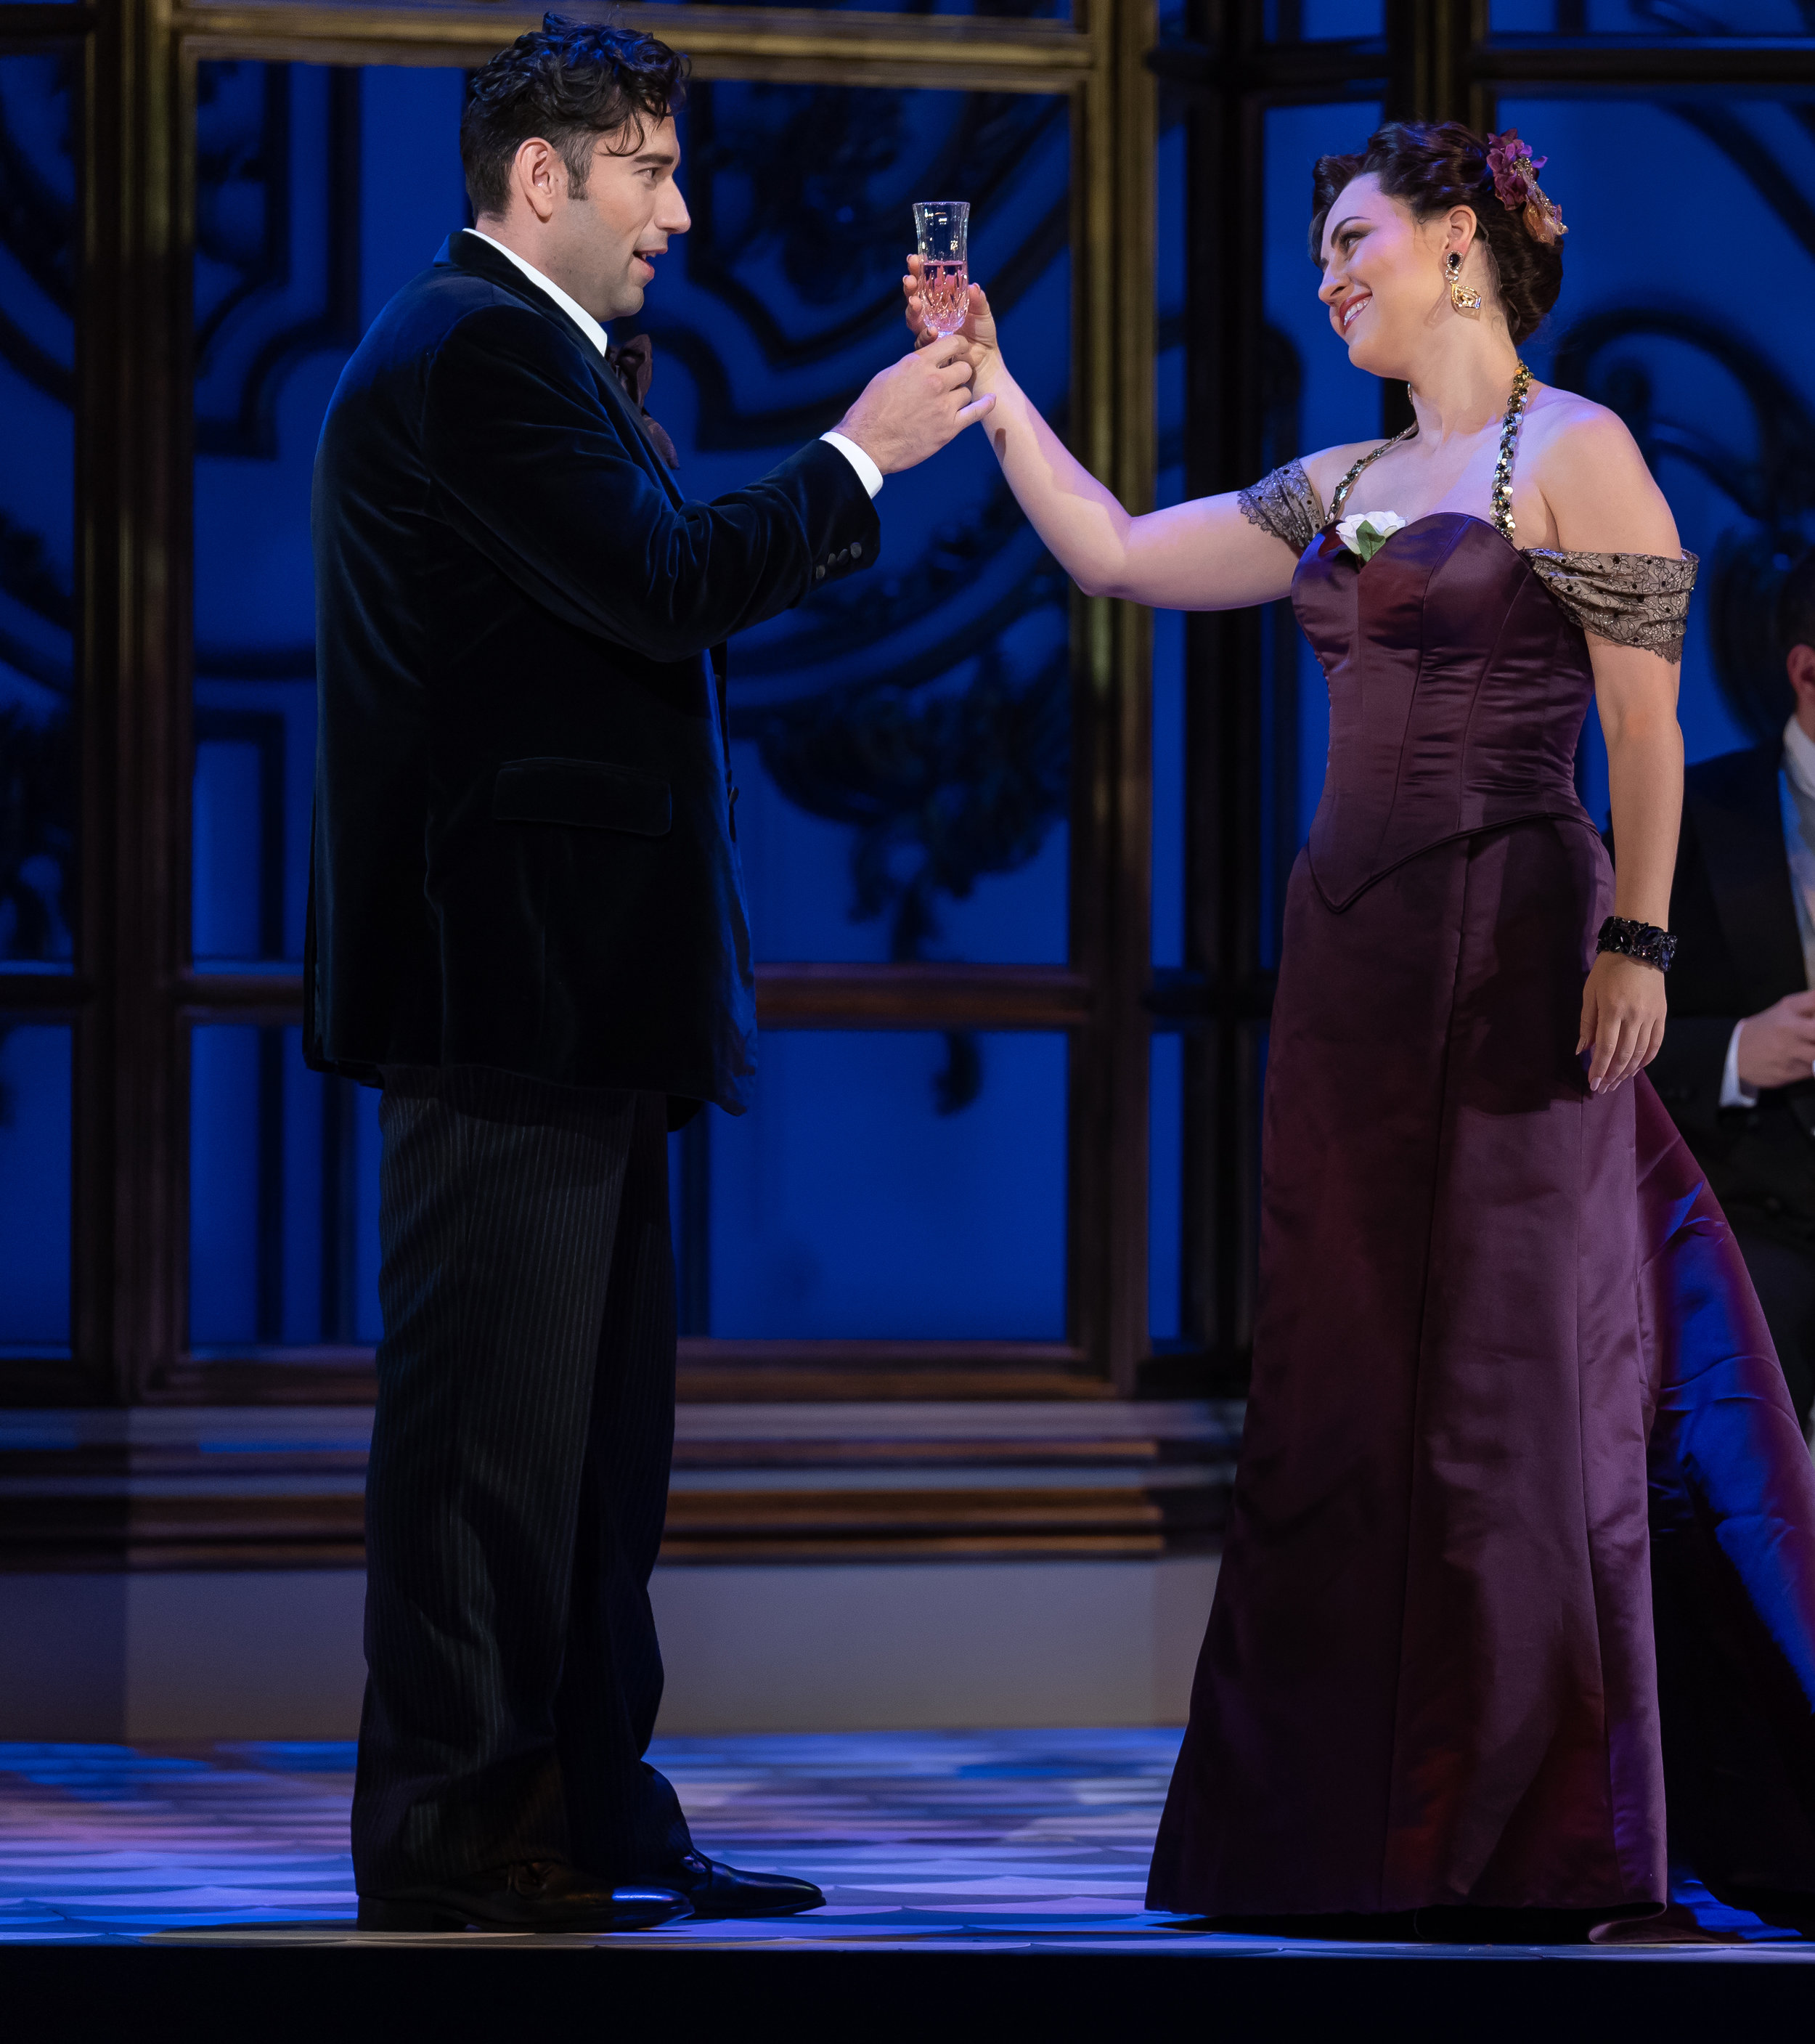 Alfredo (tenor Joshua Guerrero) toasts Violetta (soprano Venera Gimadieva) in WNO's La Traviata 2018 production_credit Scott Suchman.jpg